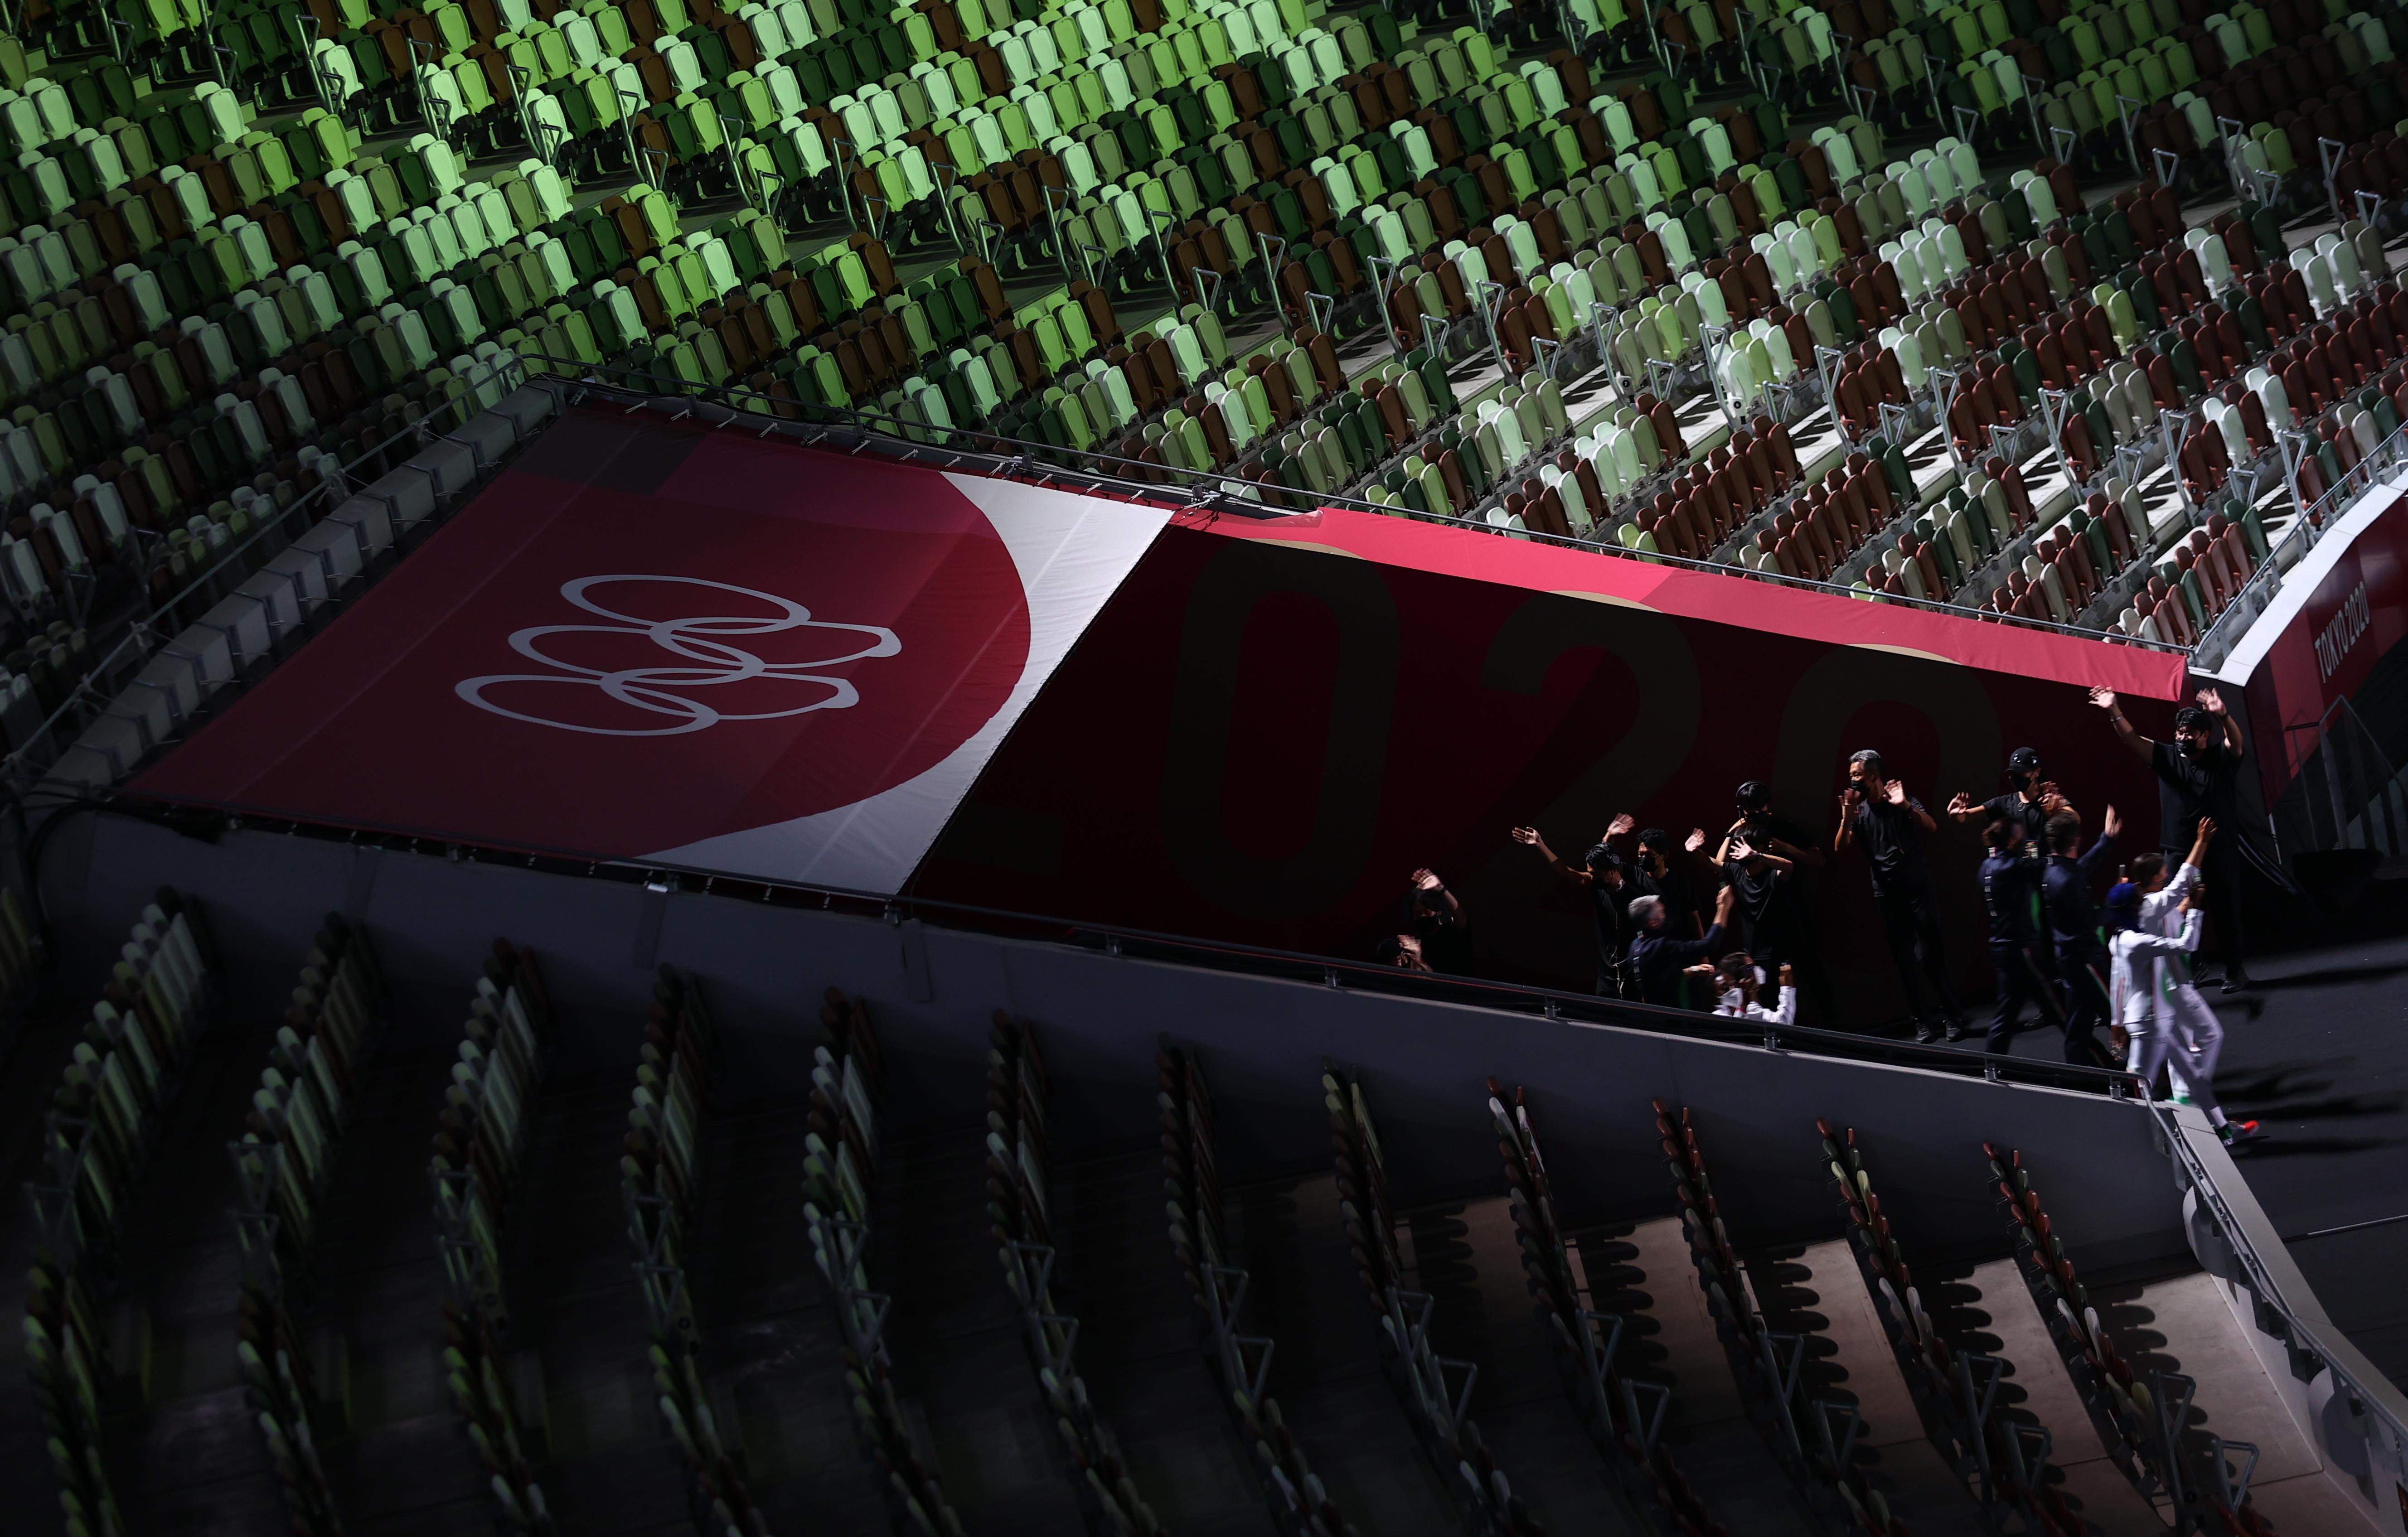 कोरोना की वजह से पूरा स्टेडियम खाली है।